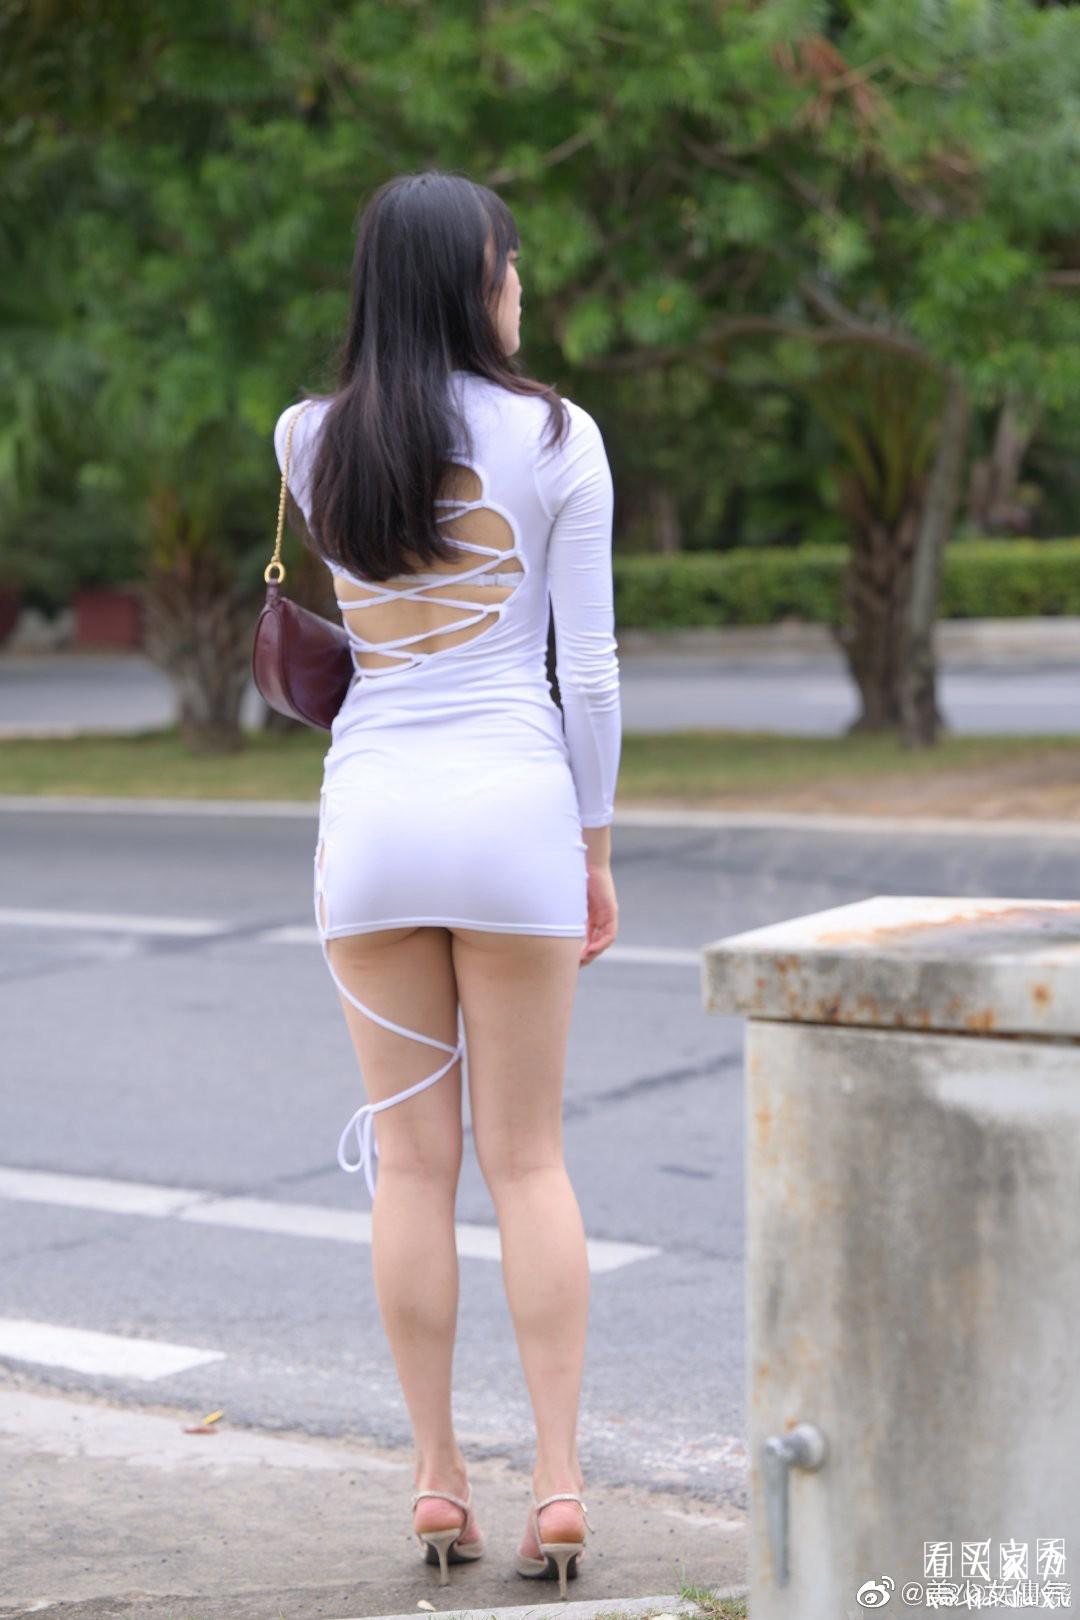 [街拍美女]街拍镂空包臀裙美女,裙子太短了臀部都包不住了3